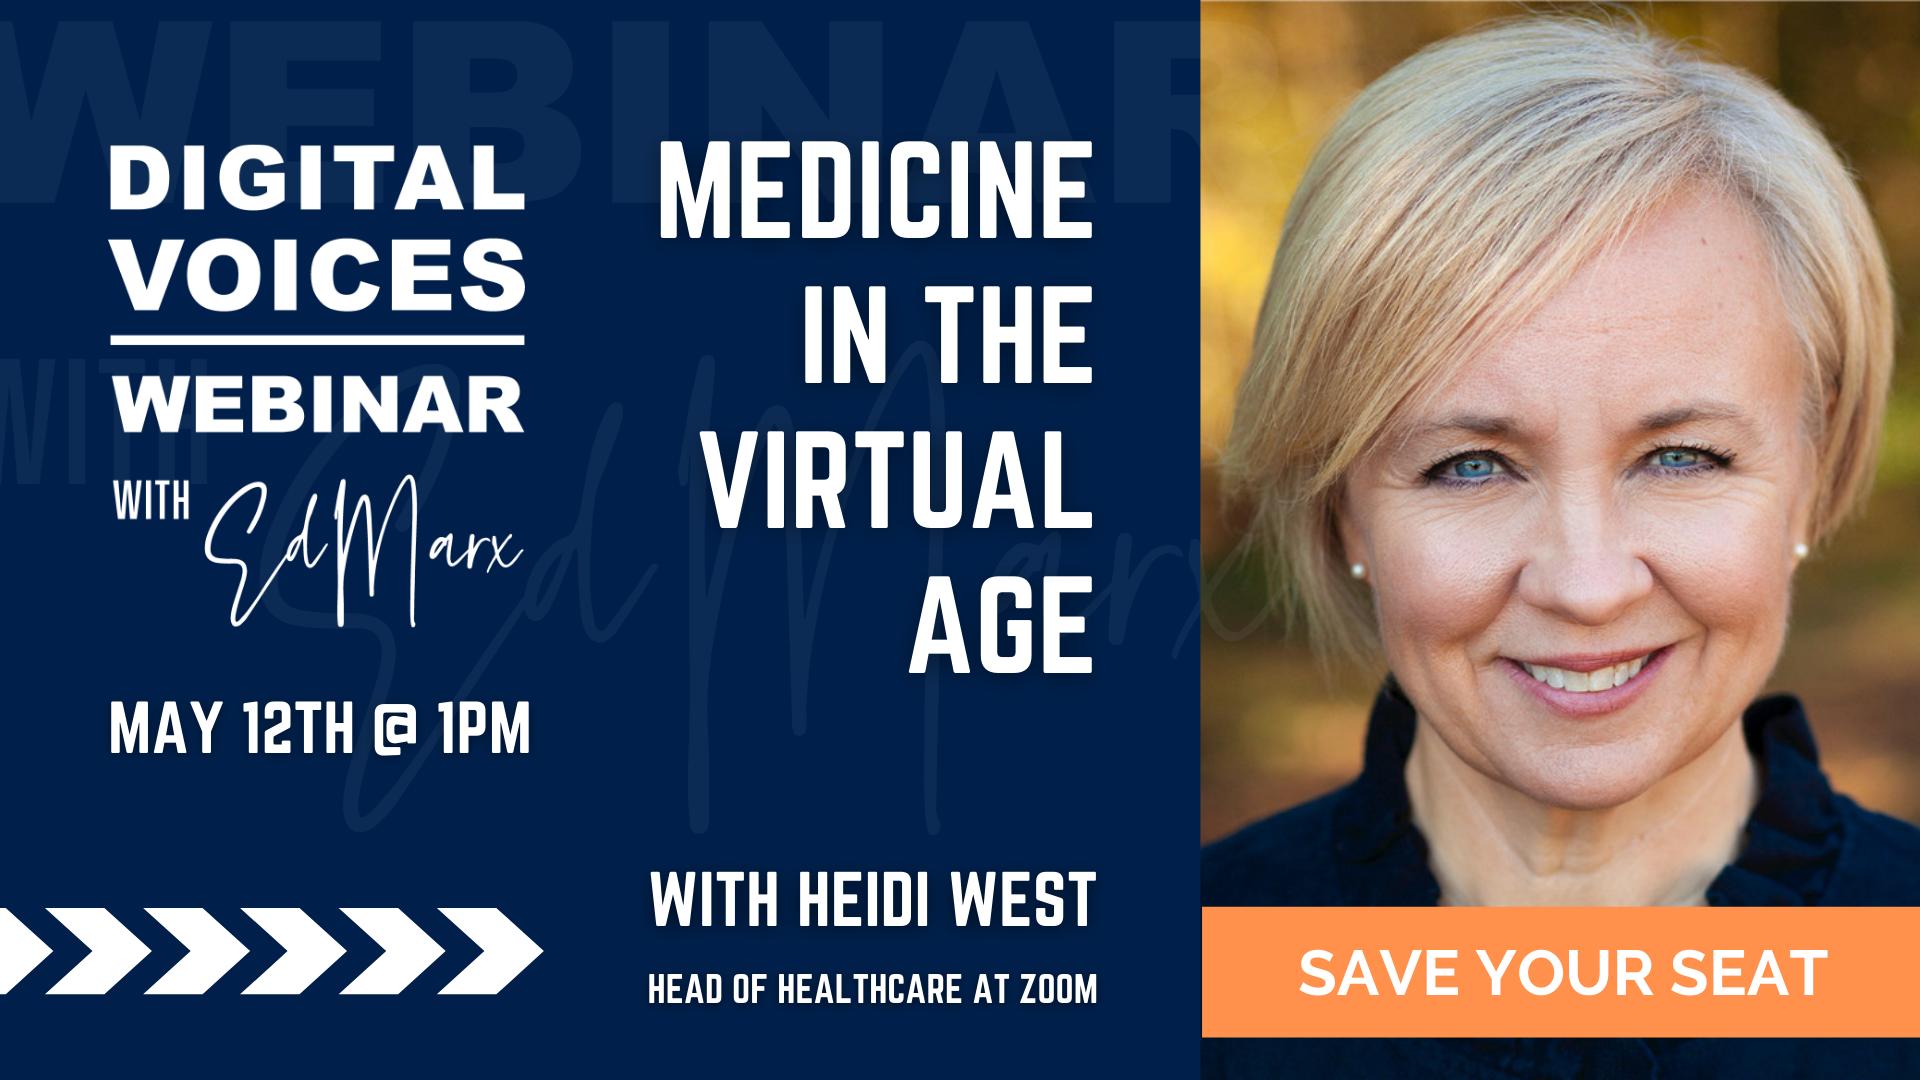 medicine in the virtual age